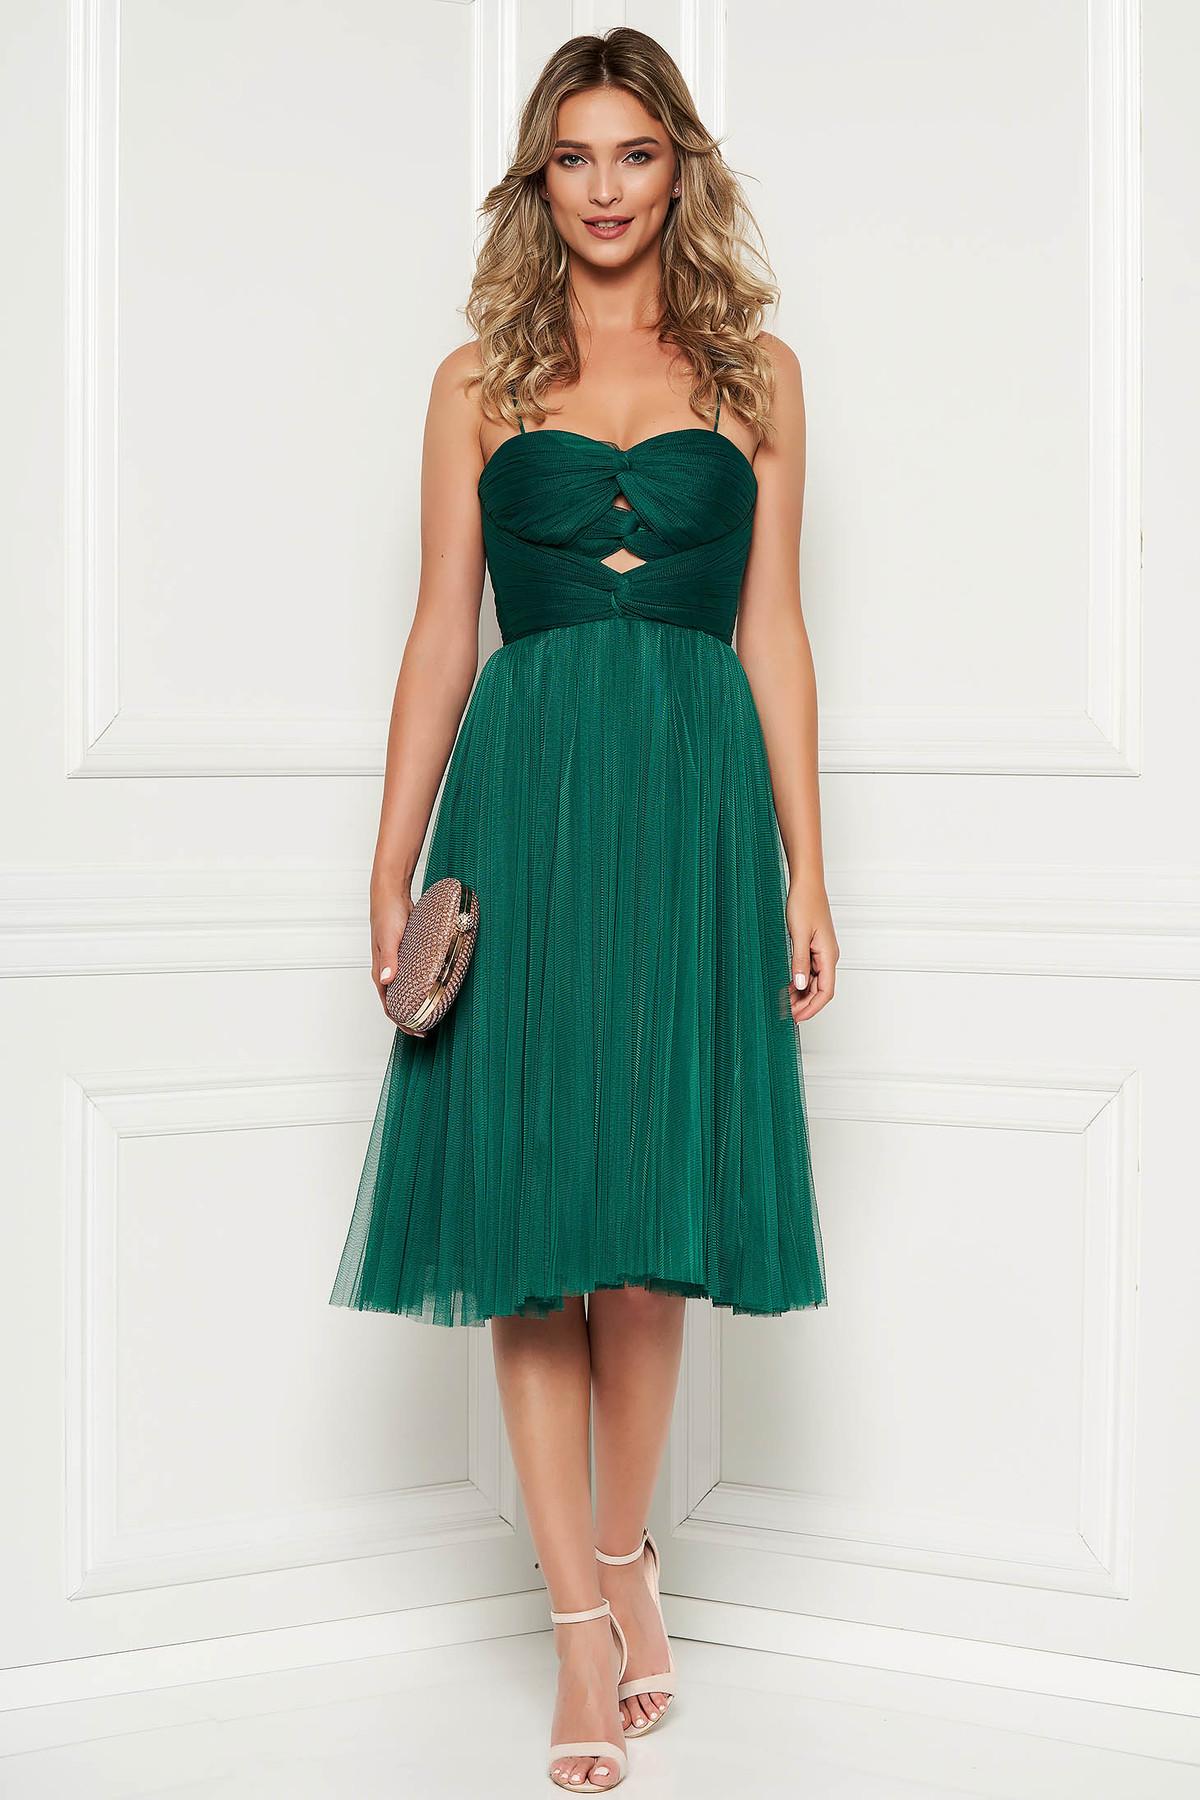 Rochie Ana Radu verde de ocazie tip corset din tul captusita pe interior